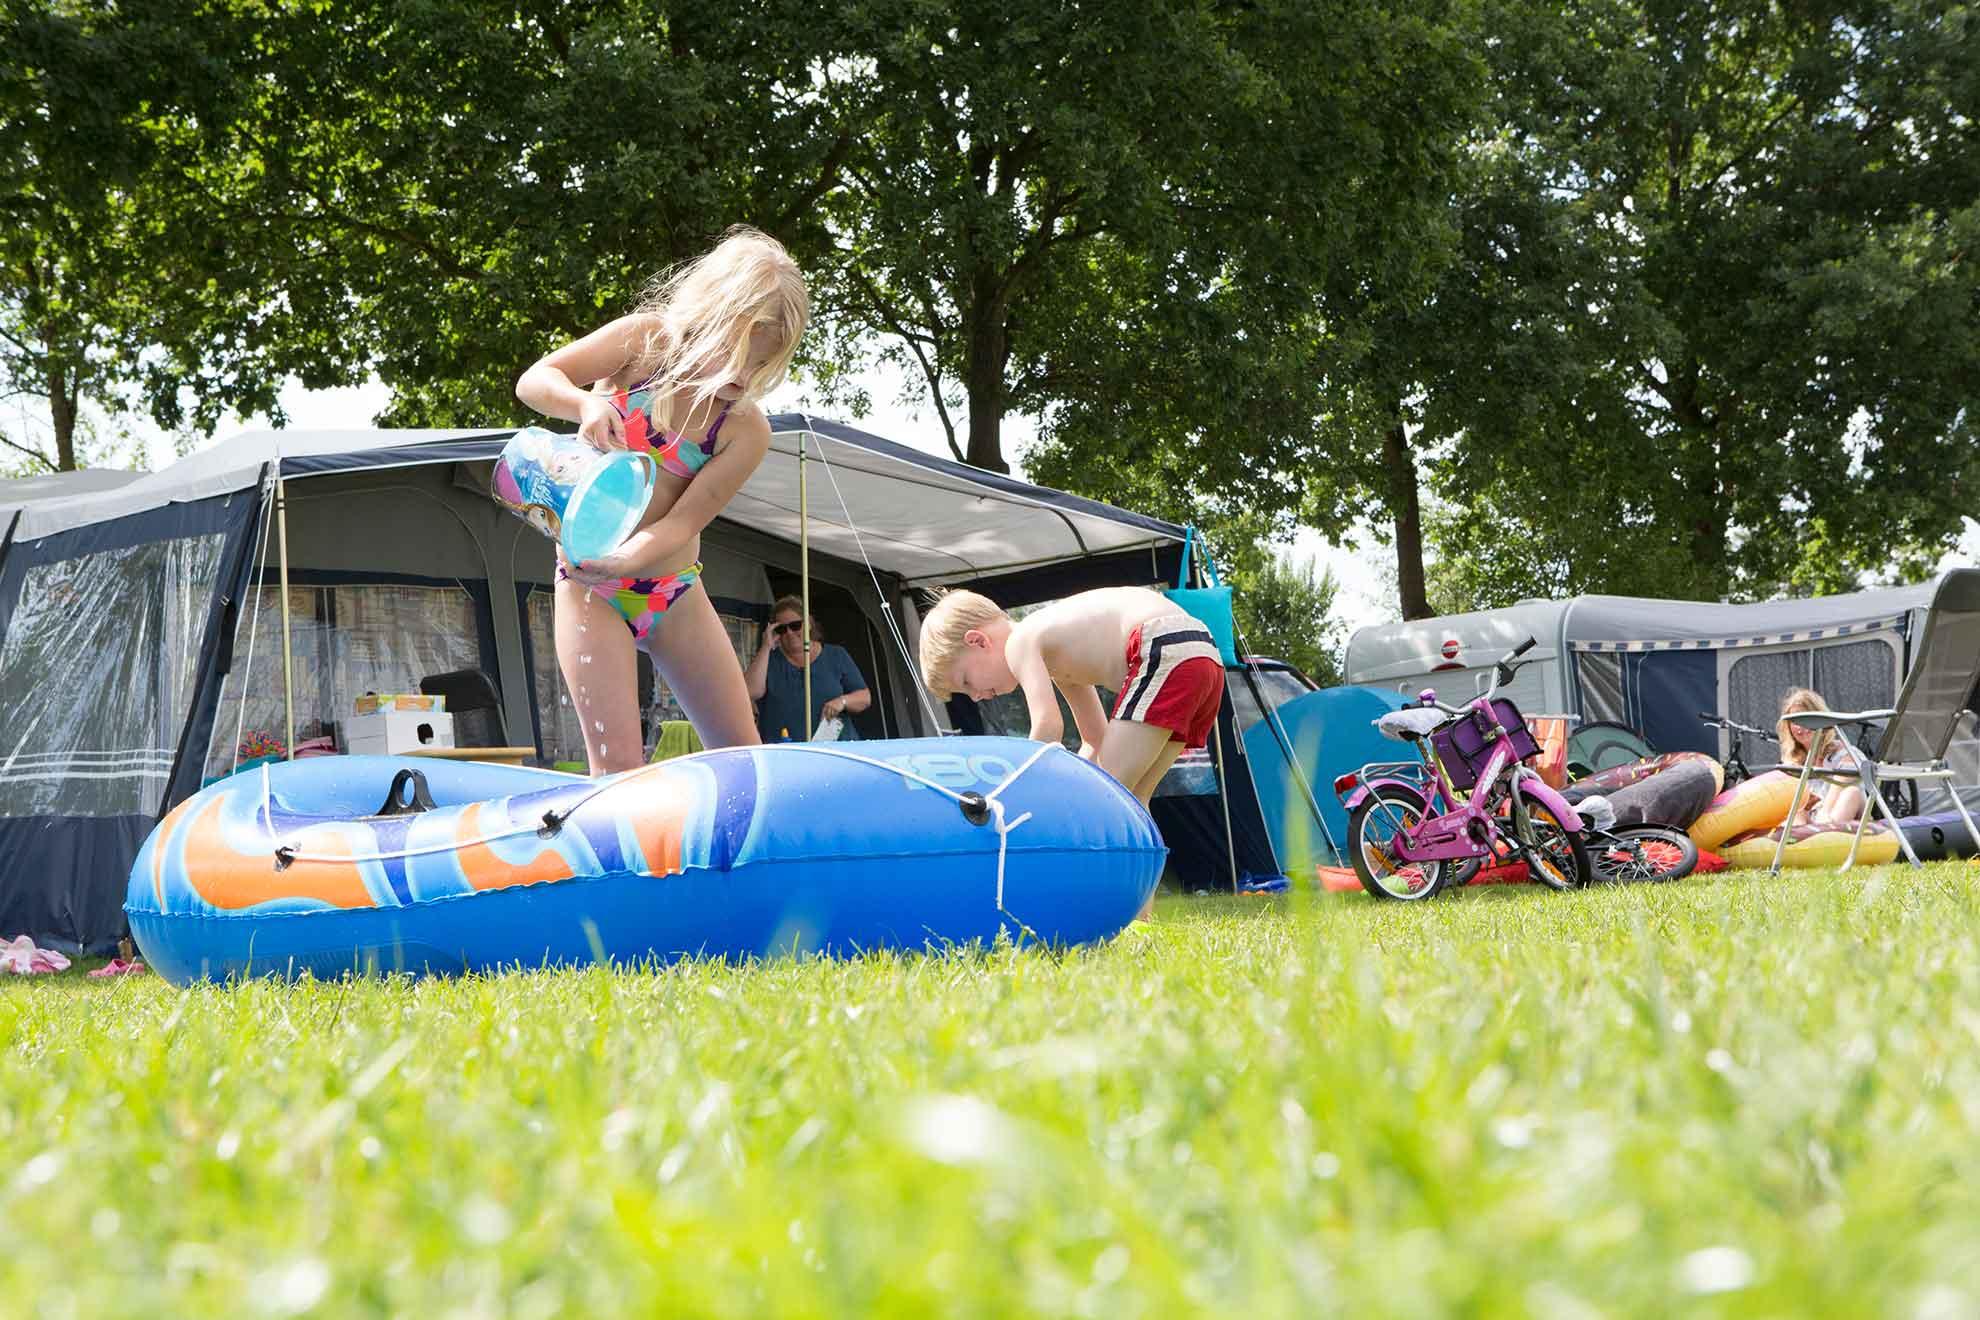 Camping seizoenplaatsen op ANWB 5 sterren camping - Camping seizoenplaats in Overijssel